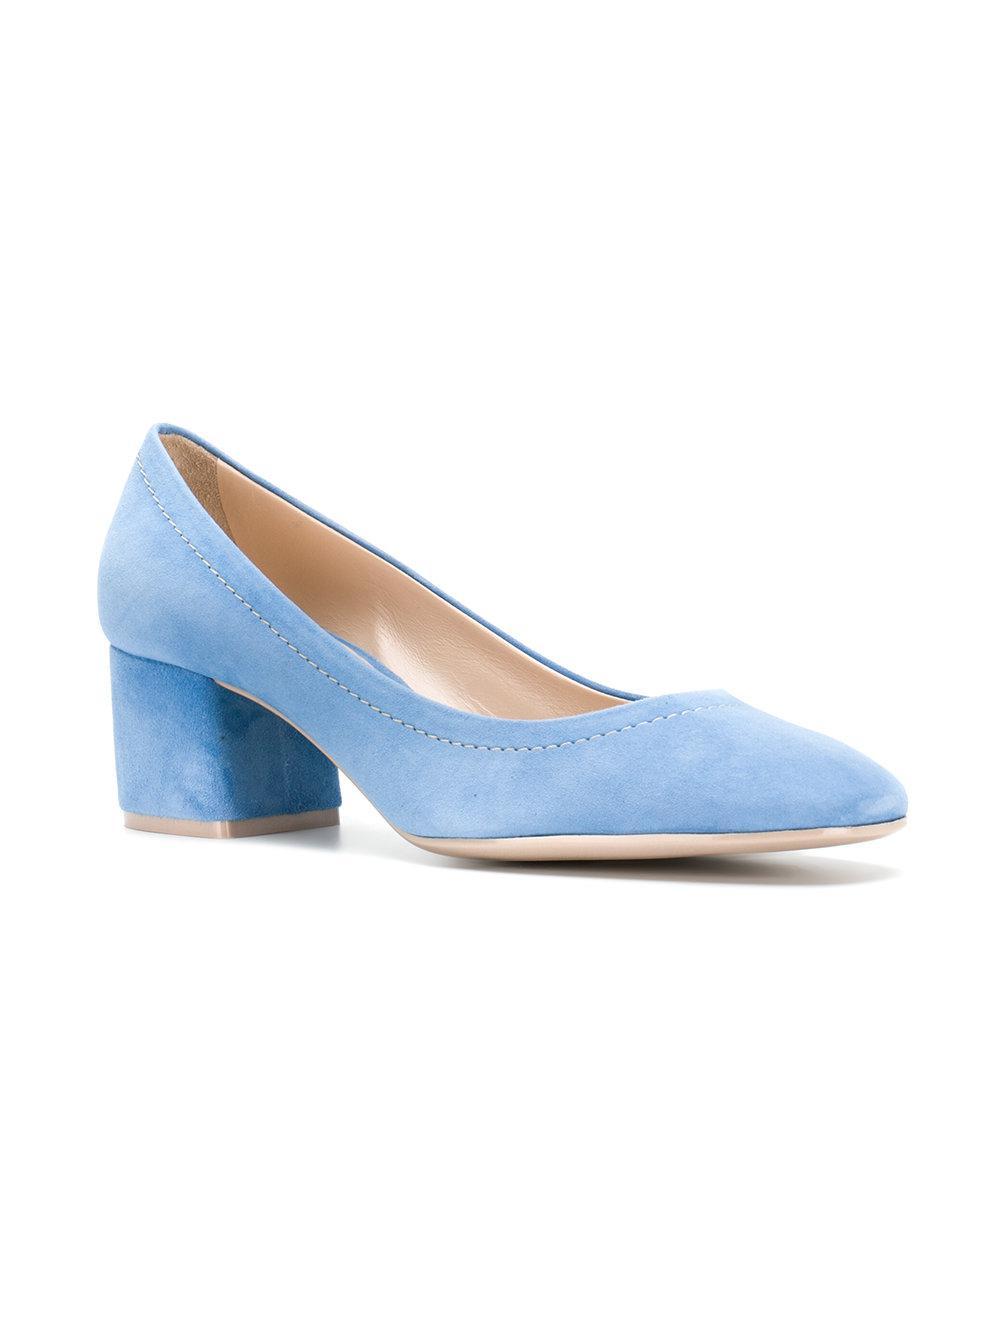 block heel pumps - Blue Roberto Festa Milano Trfe8C7wEH